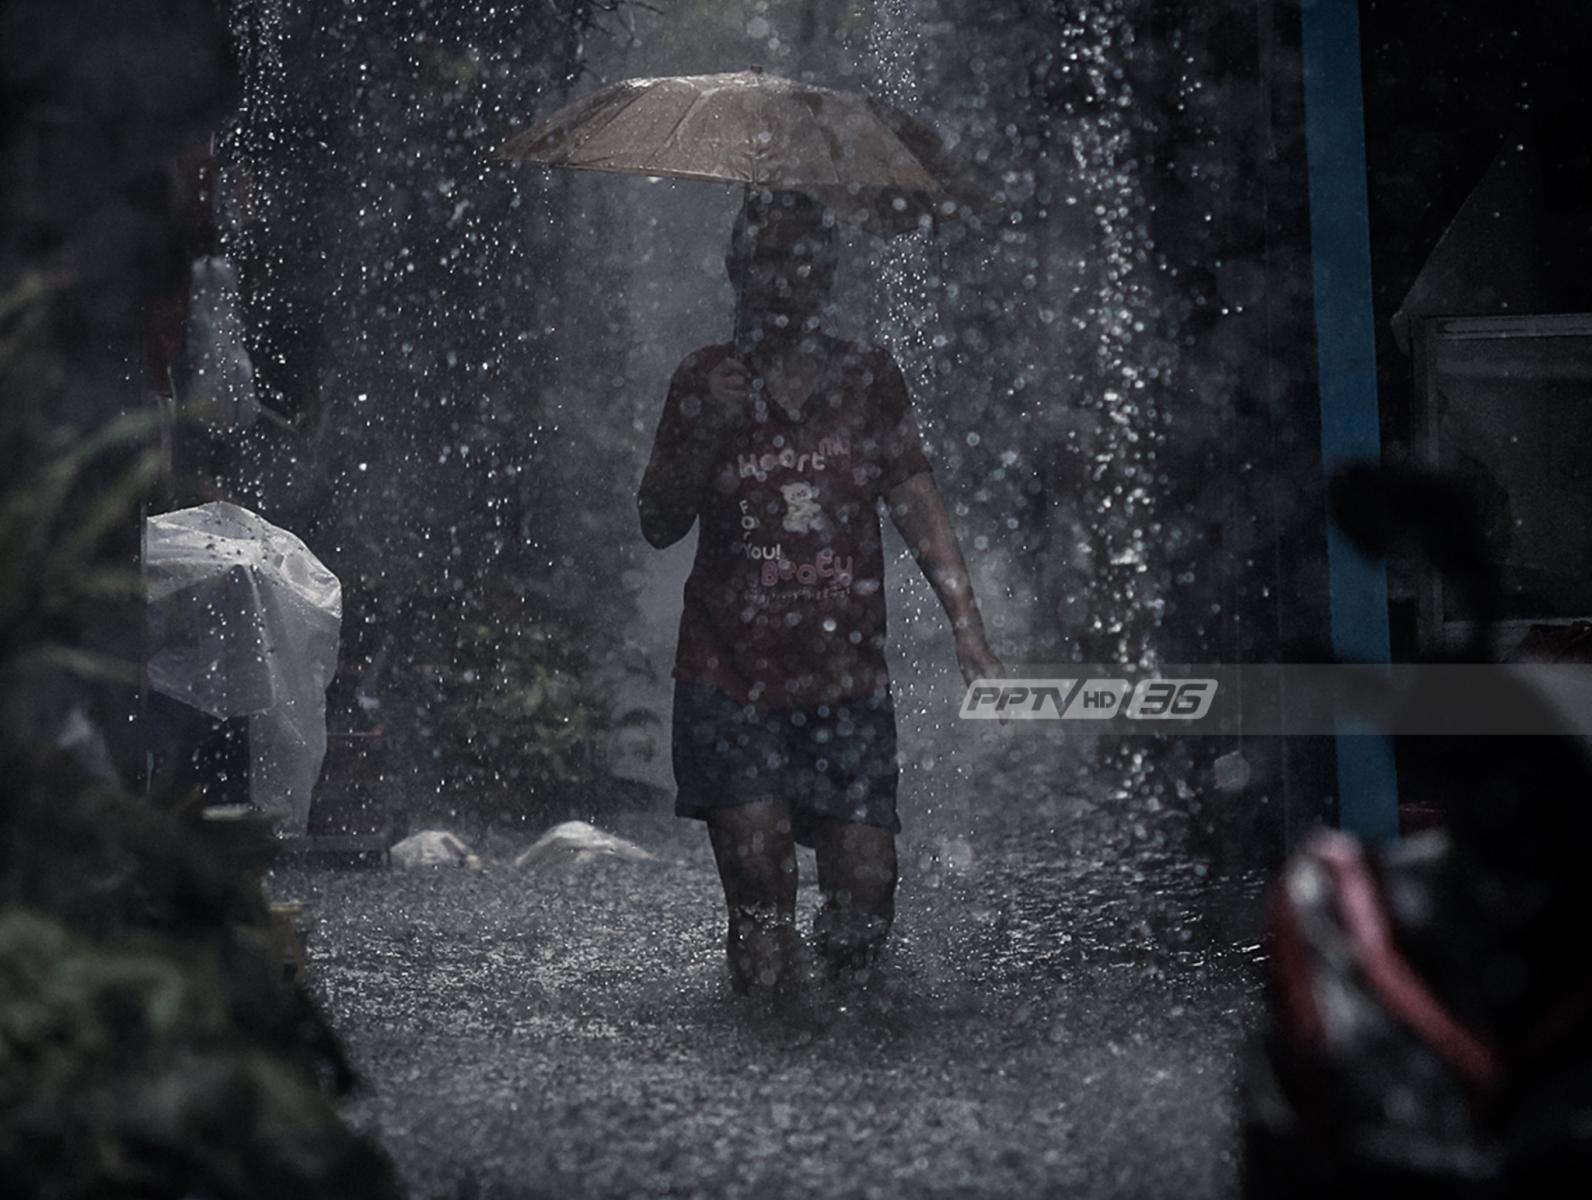 อุตุฯ เผย ไทยมีฝนกระจายอยู่ทั่วทุกภาค กทม.มีฝนร้อยละ 60